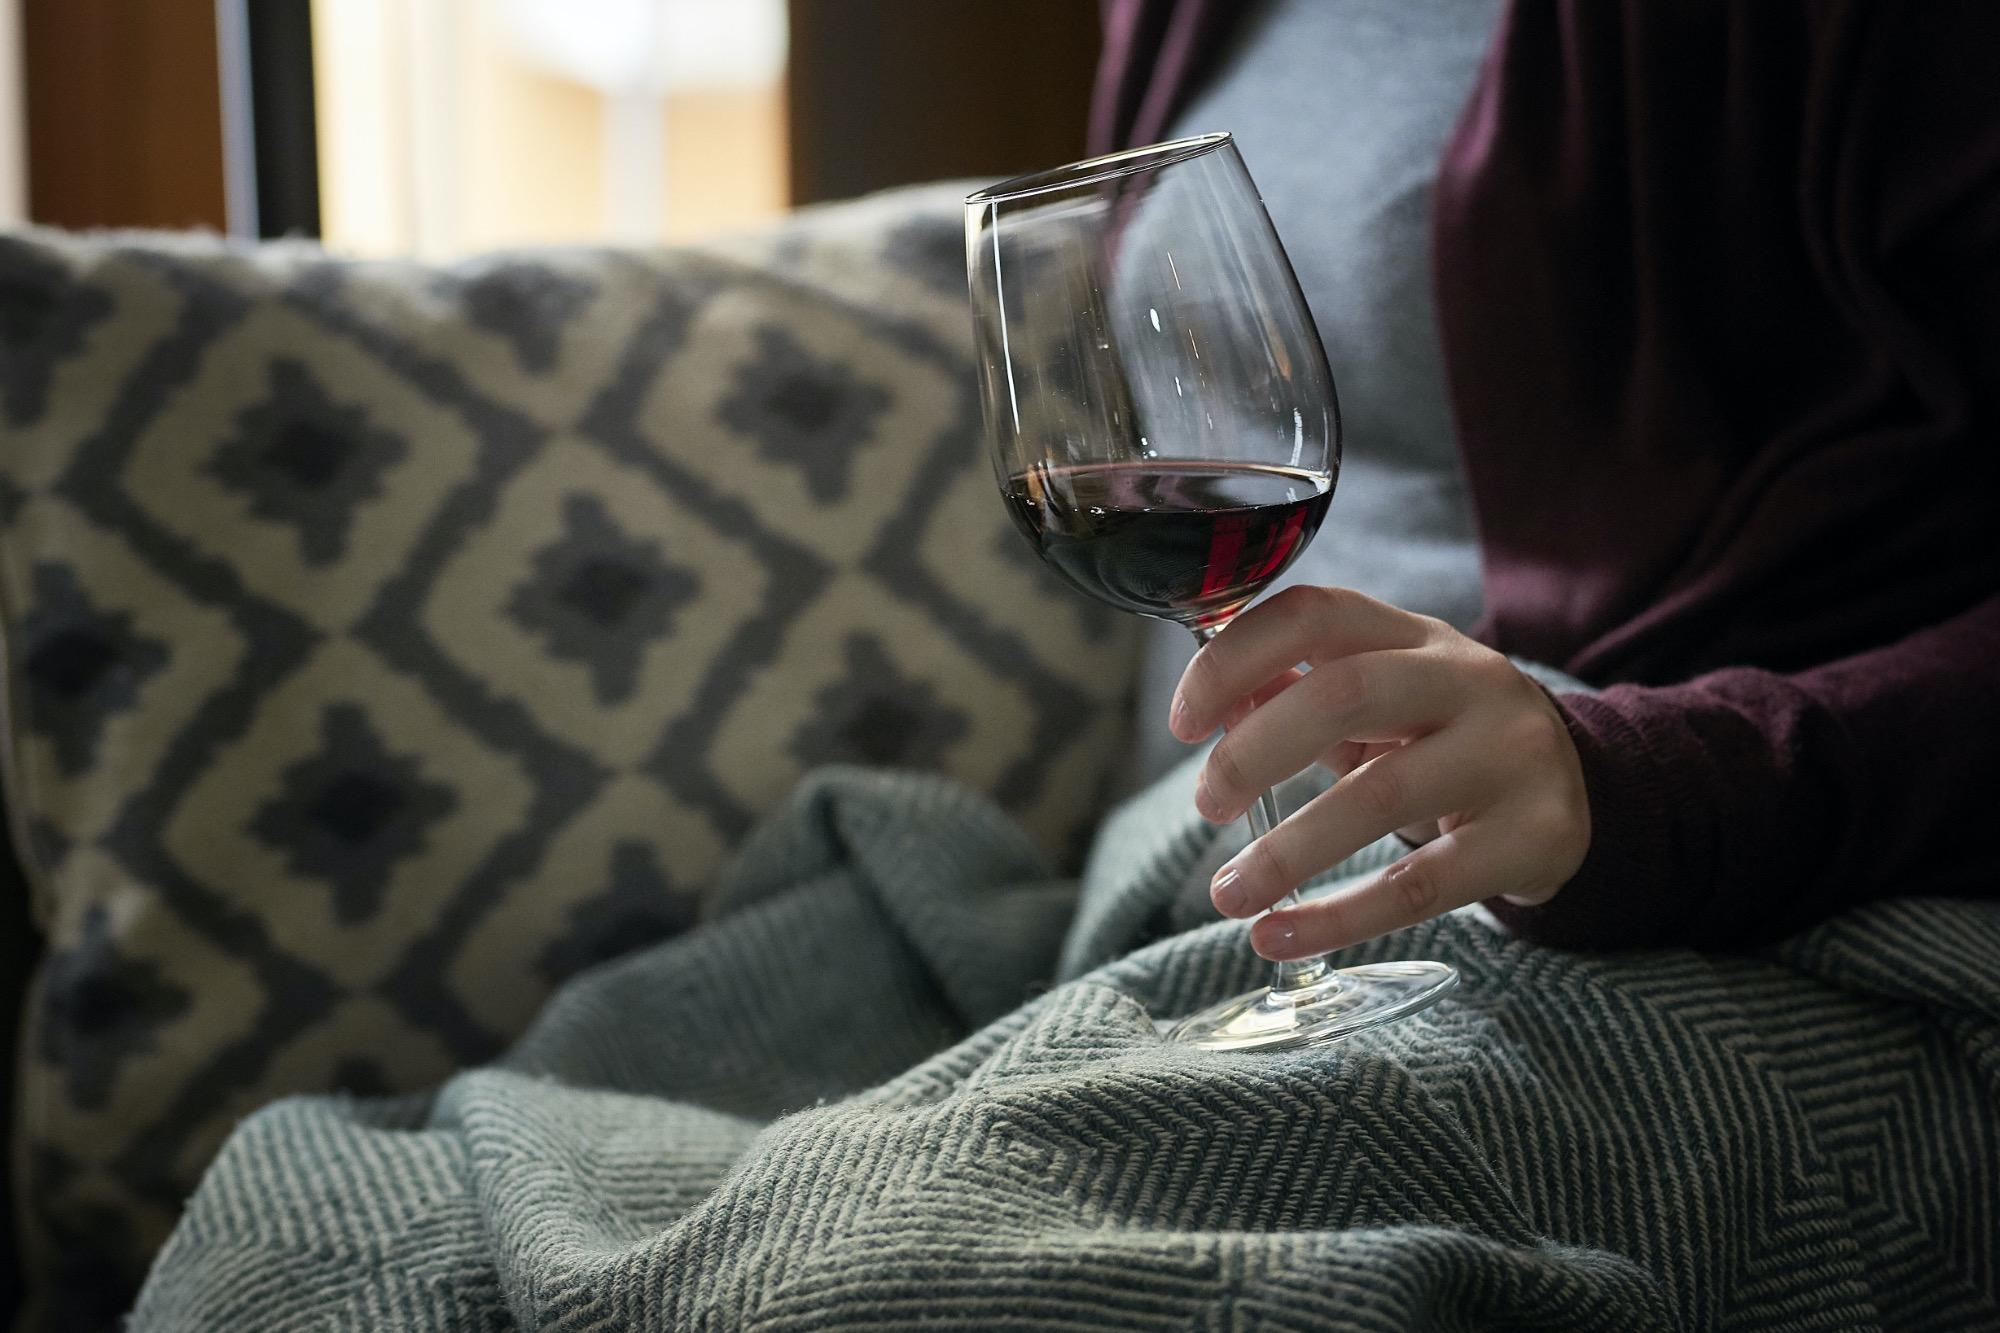 Peli+manta+vino: ¿qué ver en Navidad?